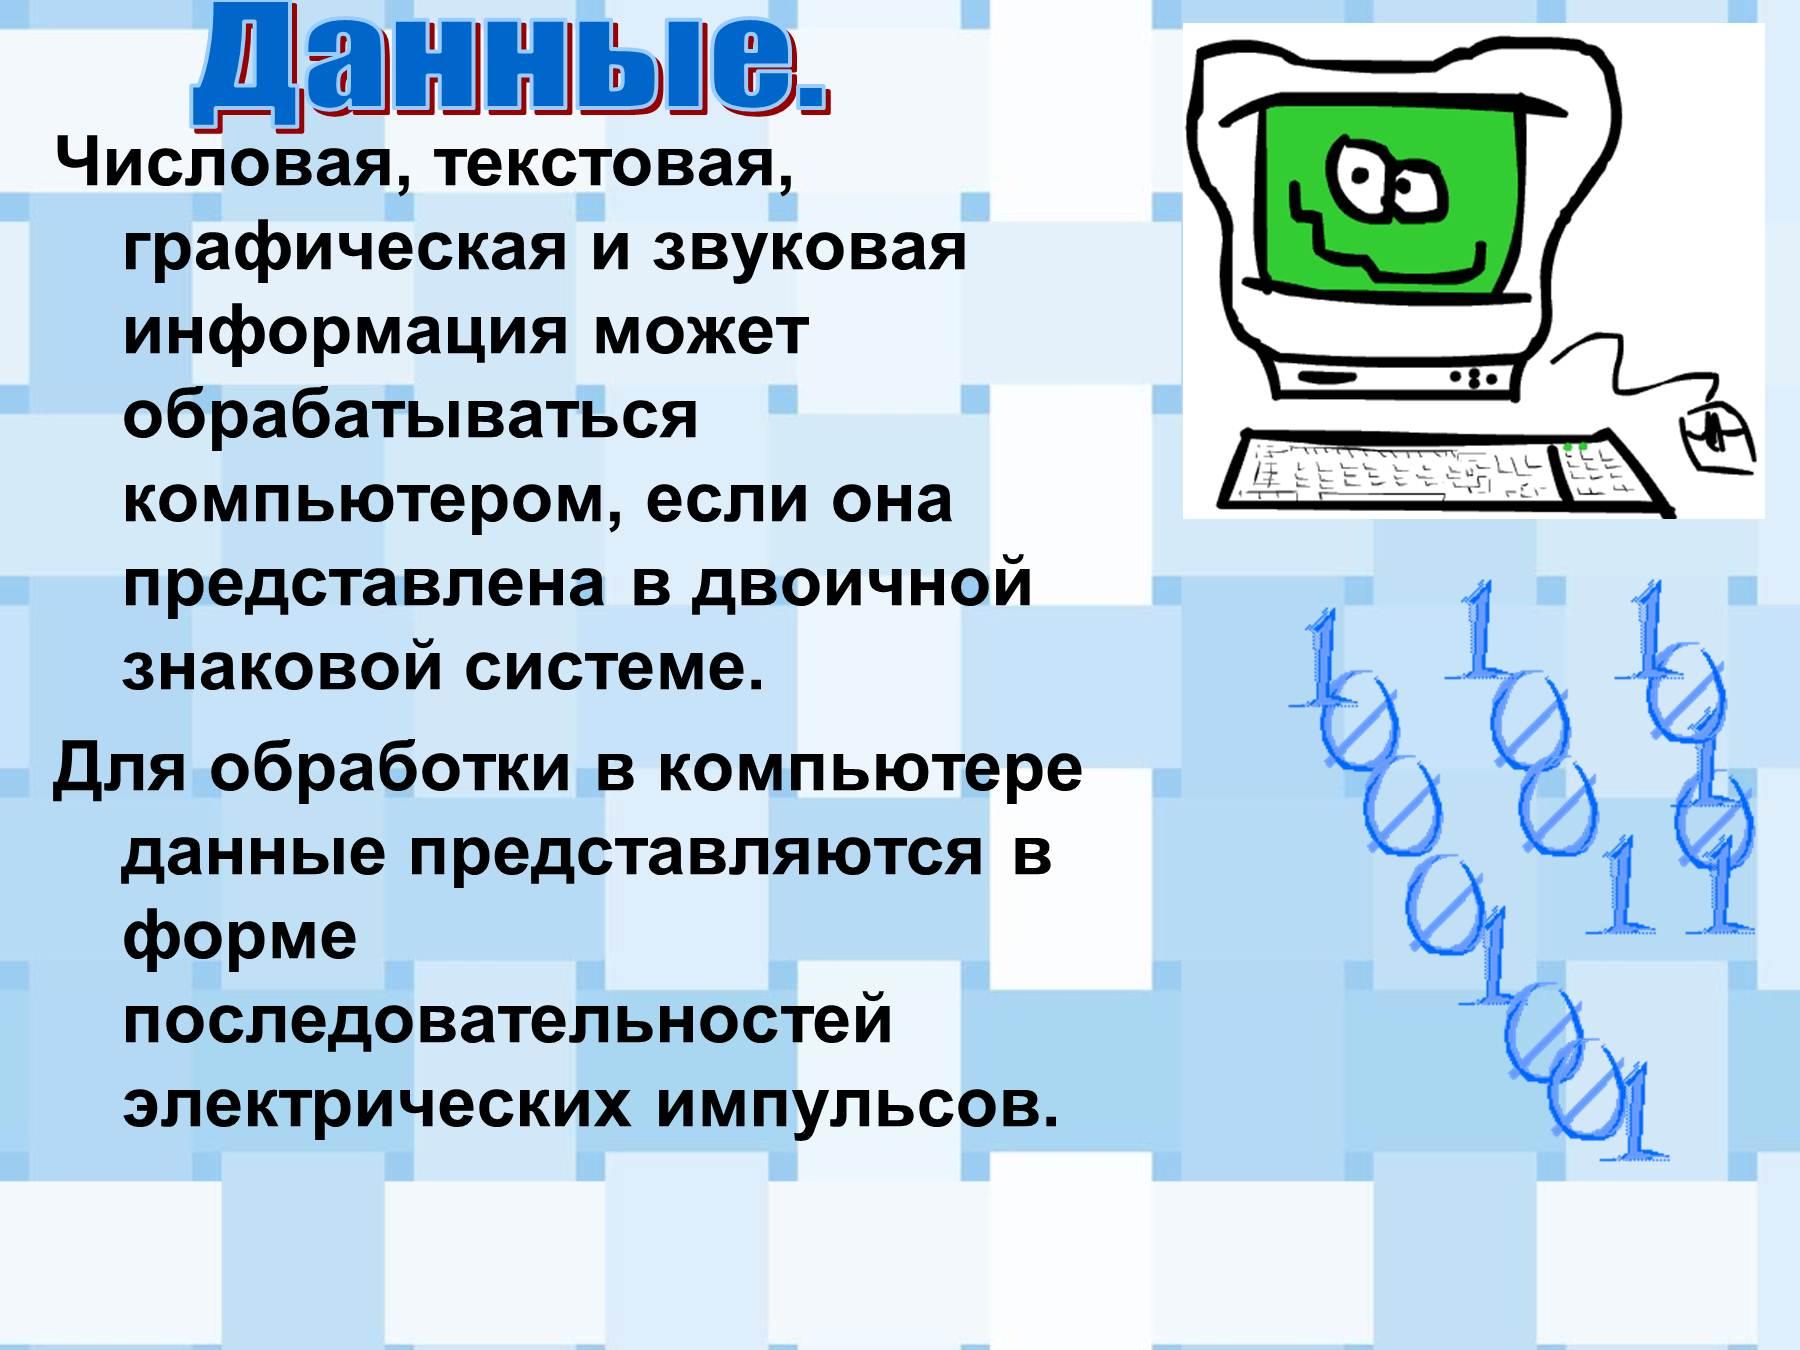 Скачать презентацию программная обработка данных на компьютере